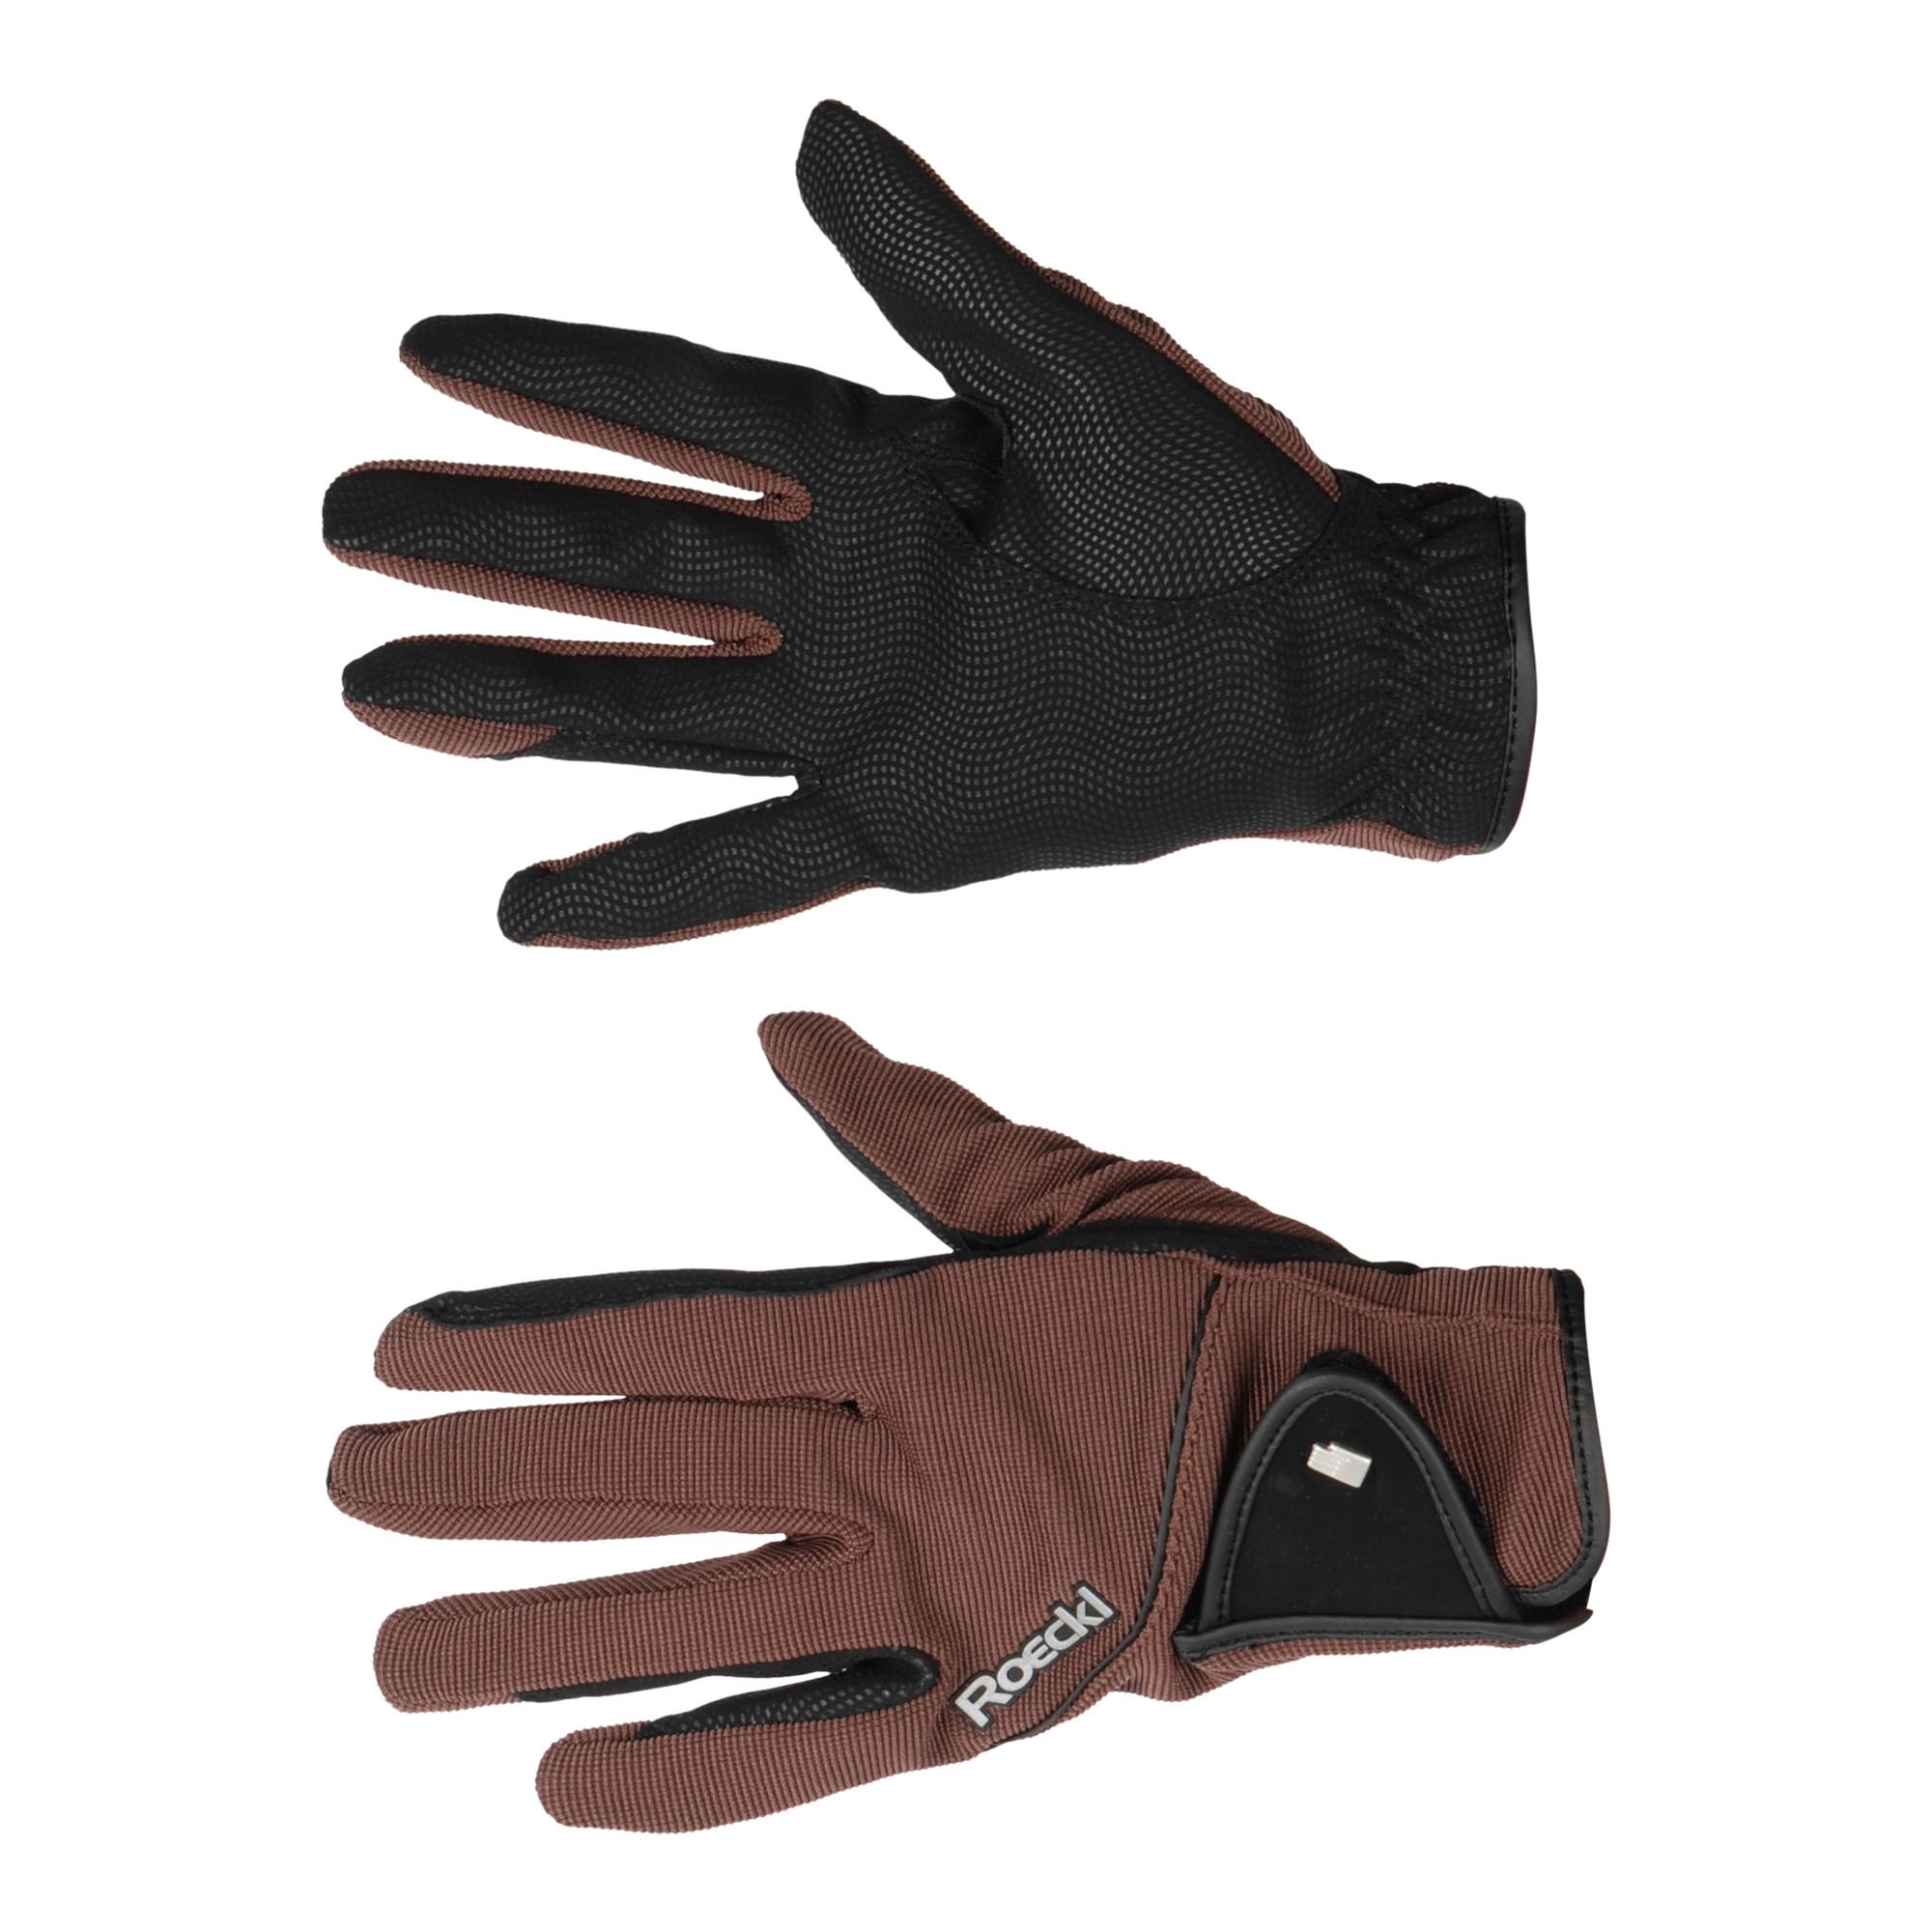 Roeckl Milano handschoenen donkerbruin maat:8